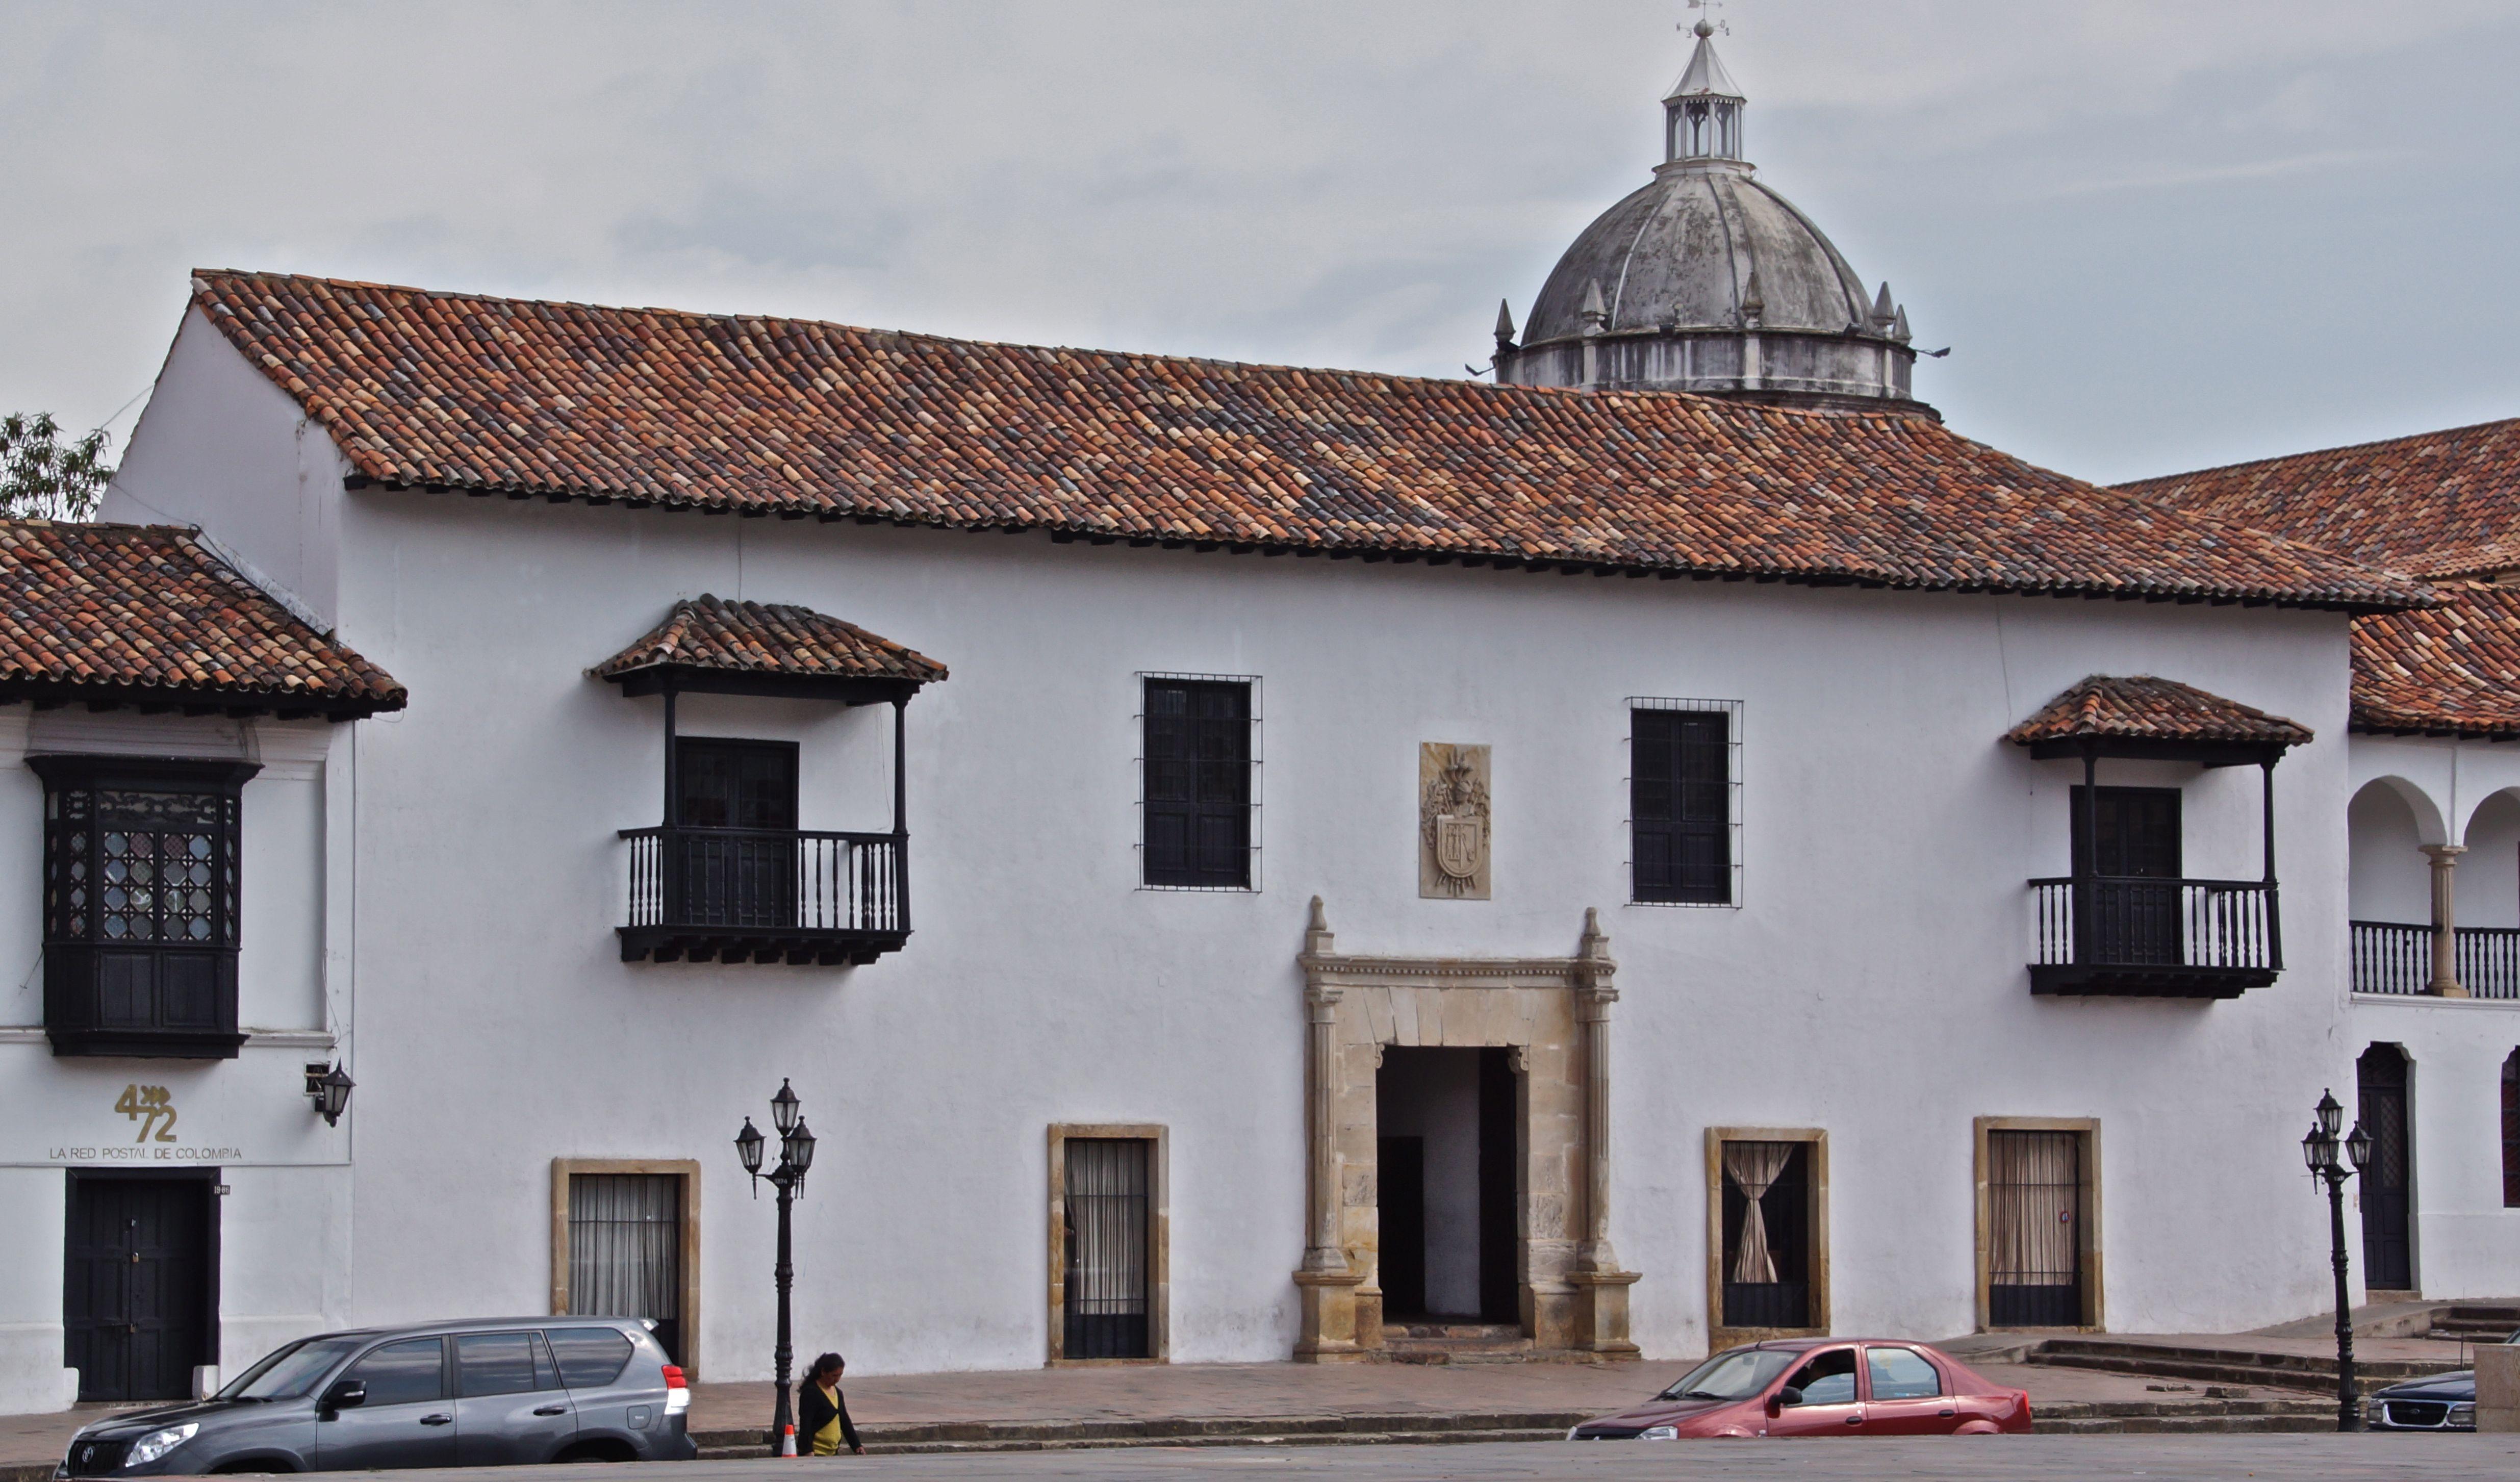 museo-casa colonial: La Casa del Fundador Suárez Rendón era la casa original del fundador de Tunja, construido en 1559. Tunja, Boyaca